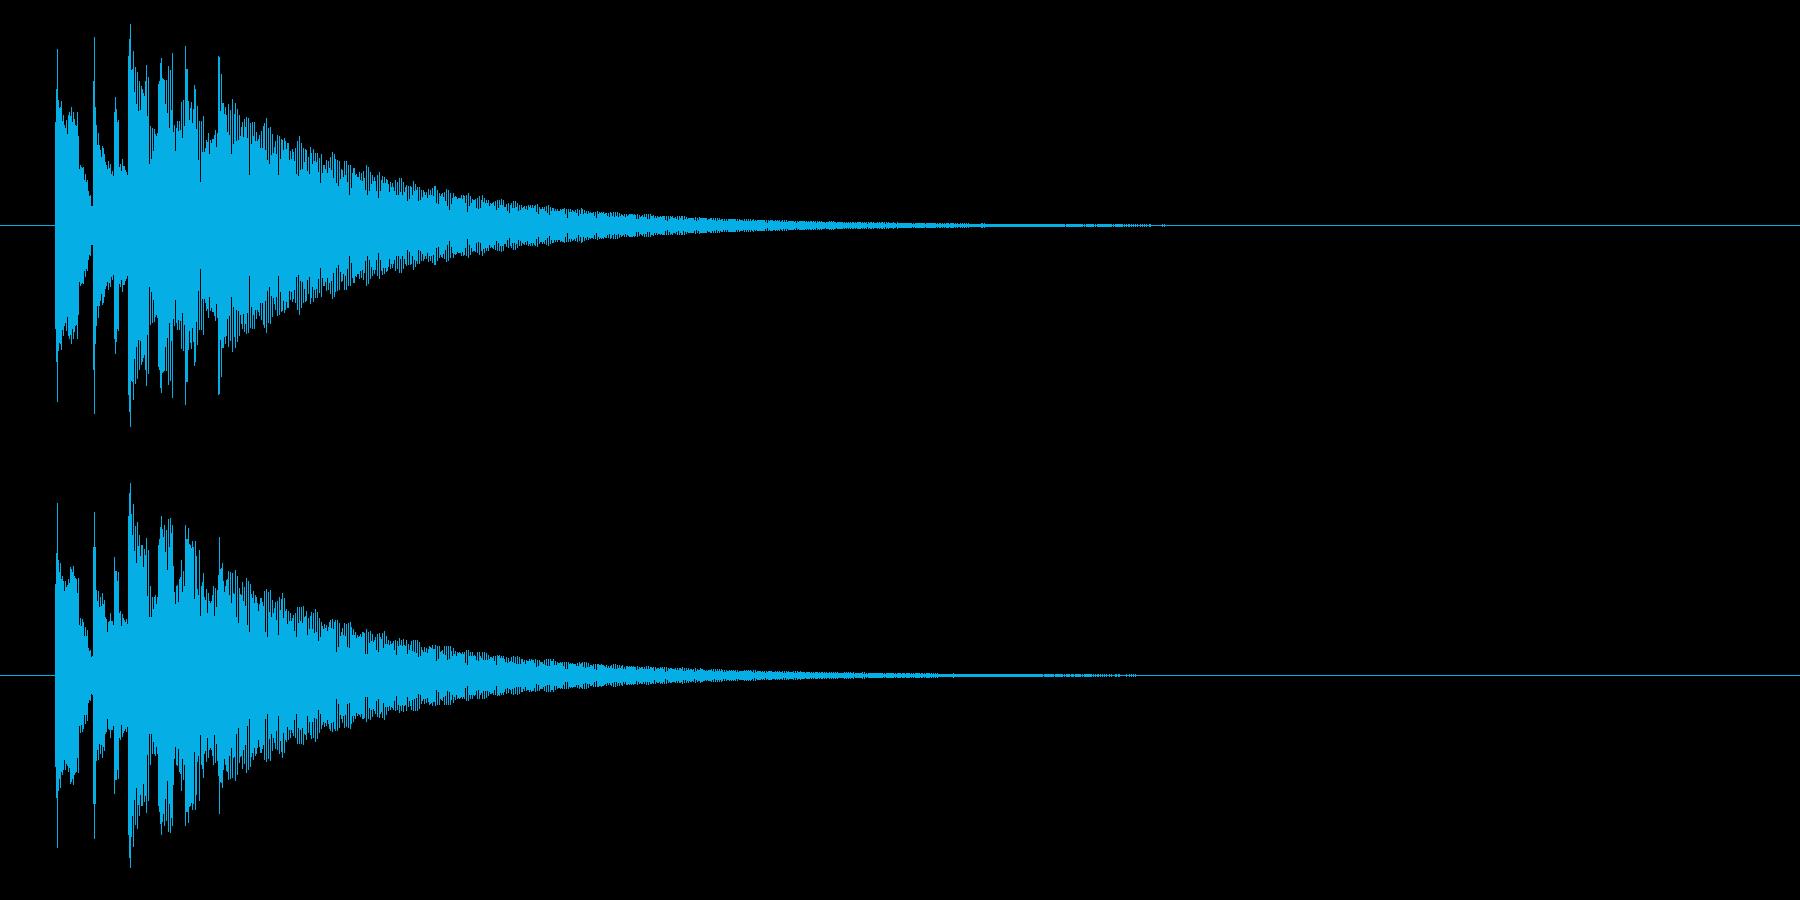 グロッケン02-3(高 長)の再生済みの波形